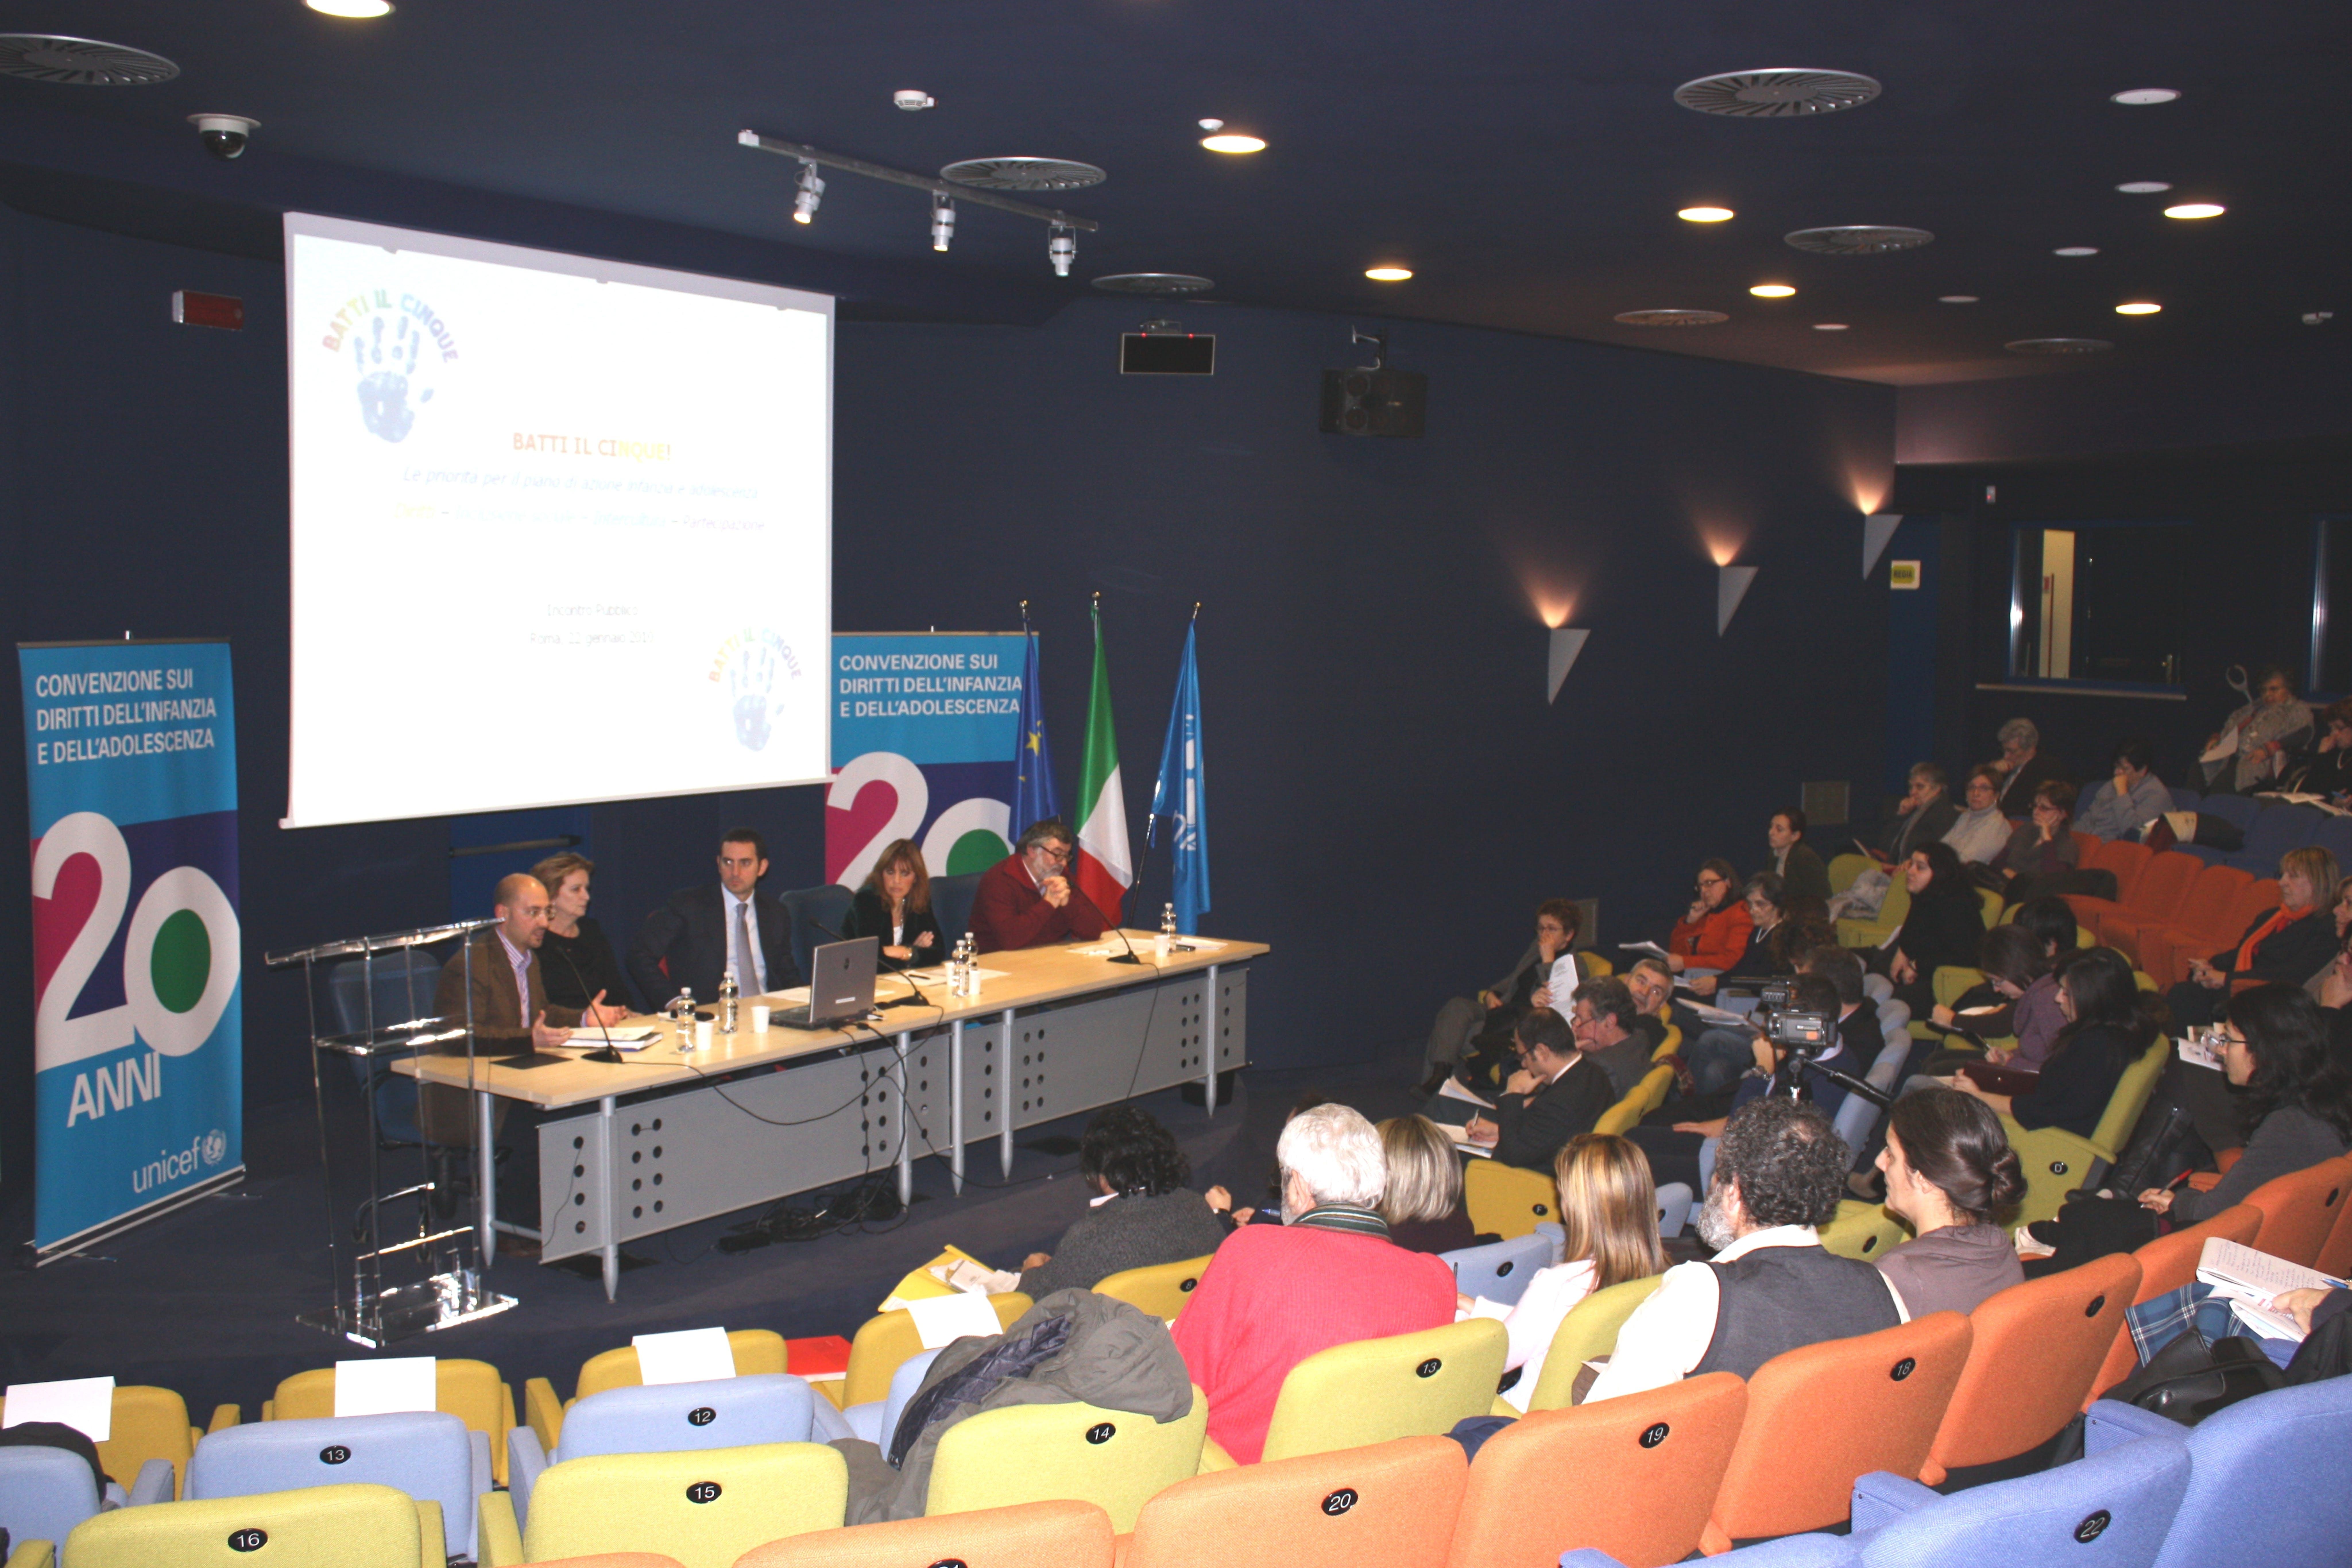 Un momento dell'assemblea delle associazioni promotrici del documento Batti il cinque, che si sono riunite il 22 gennaio a Roma ©UNICEF Italia/2010